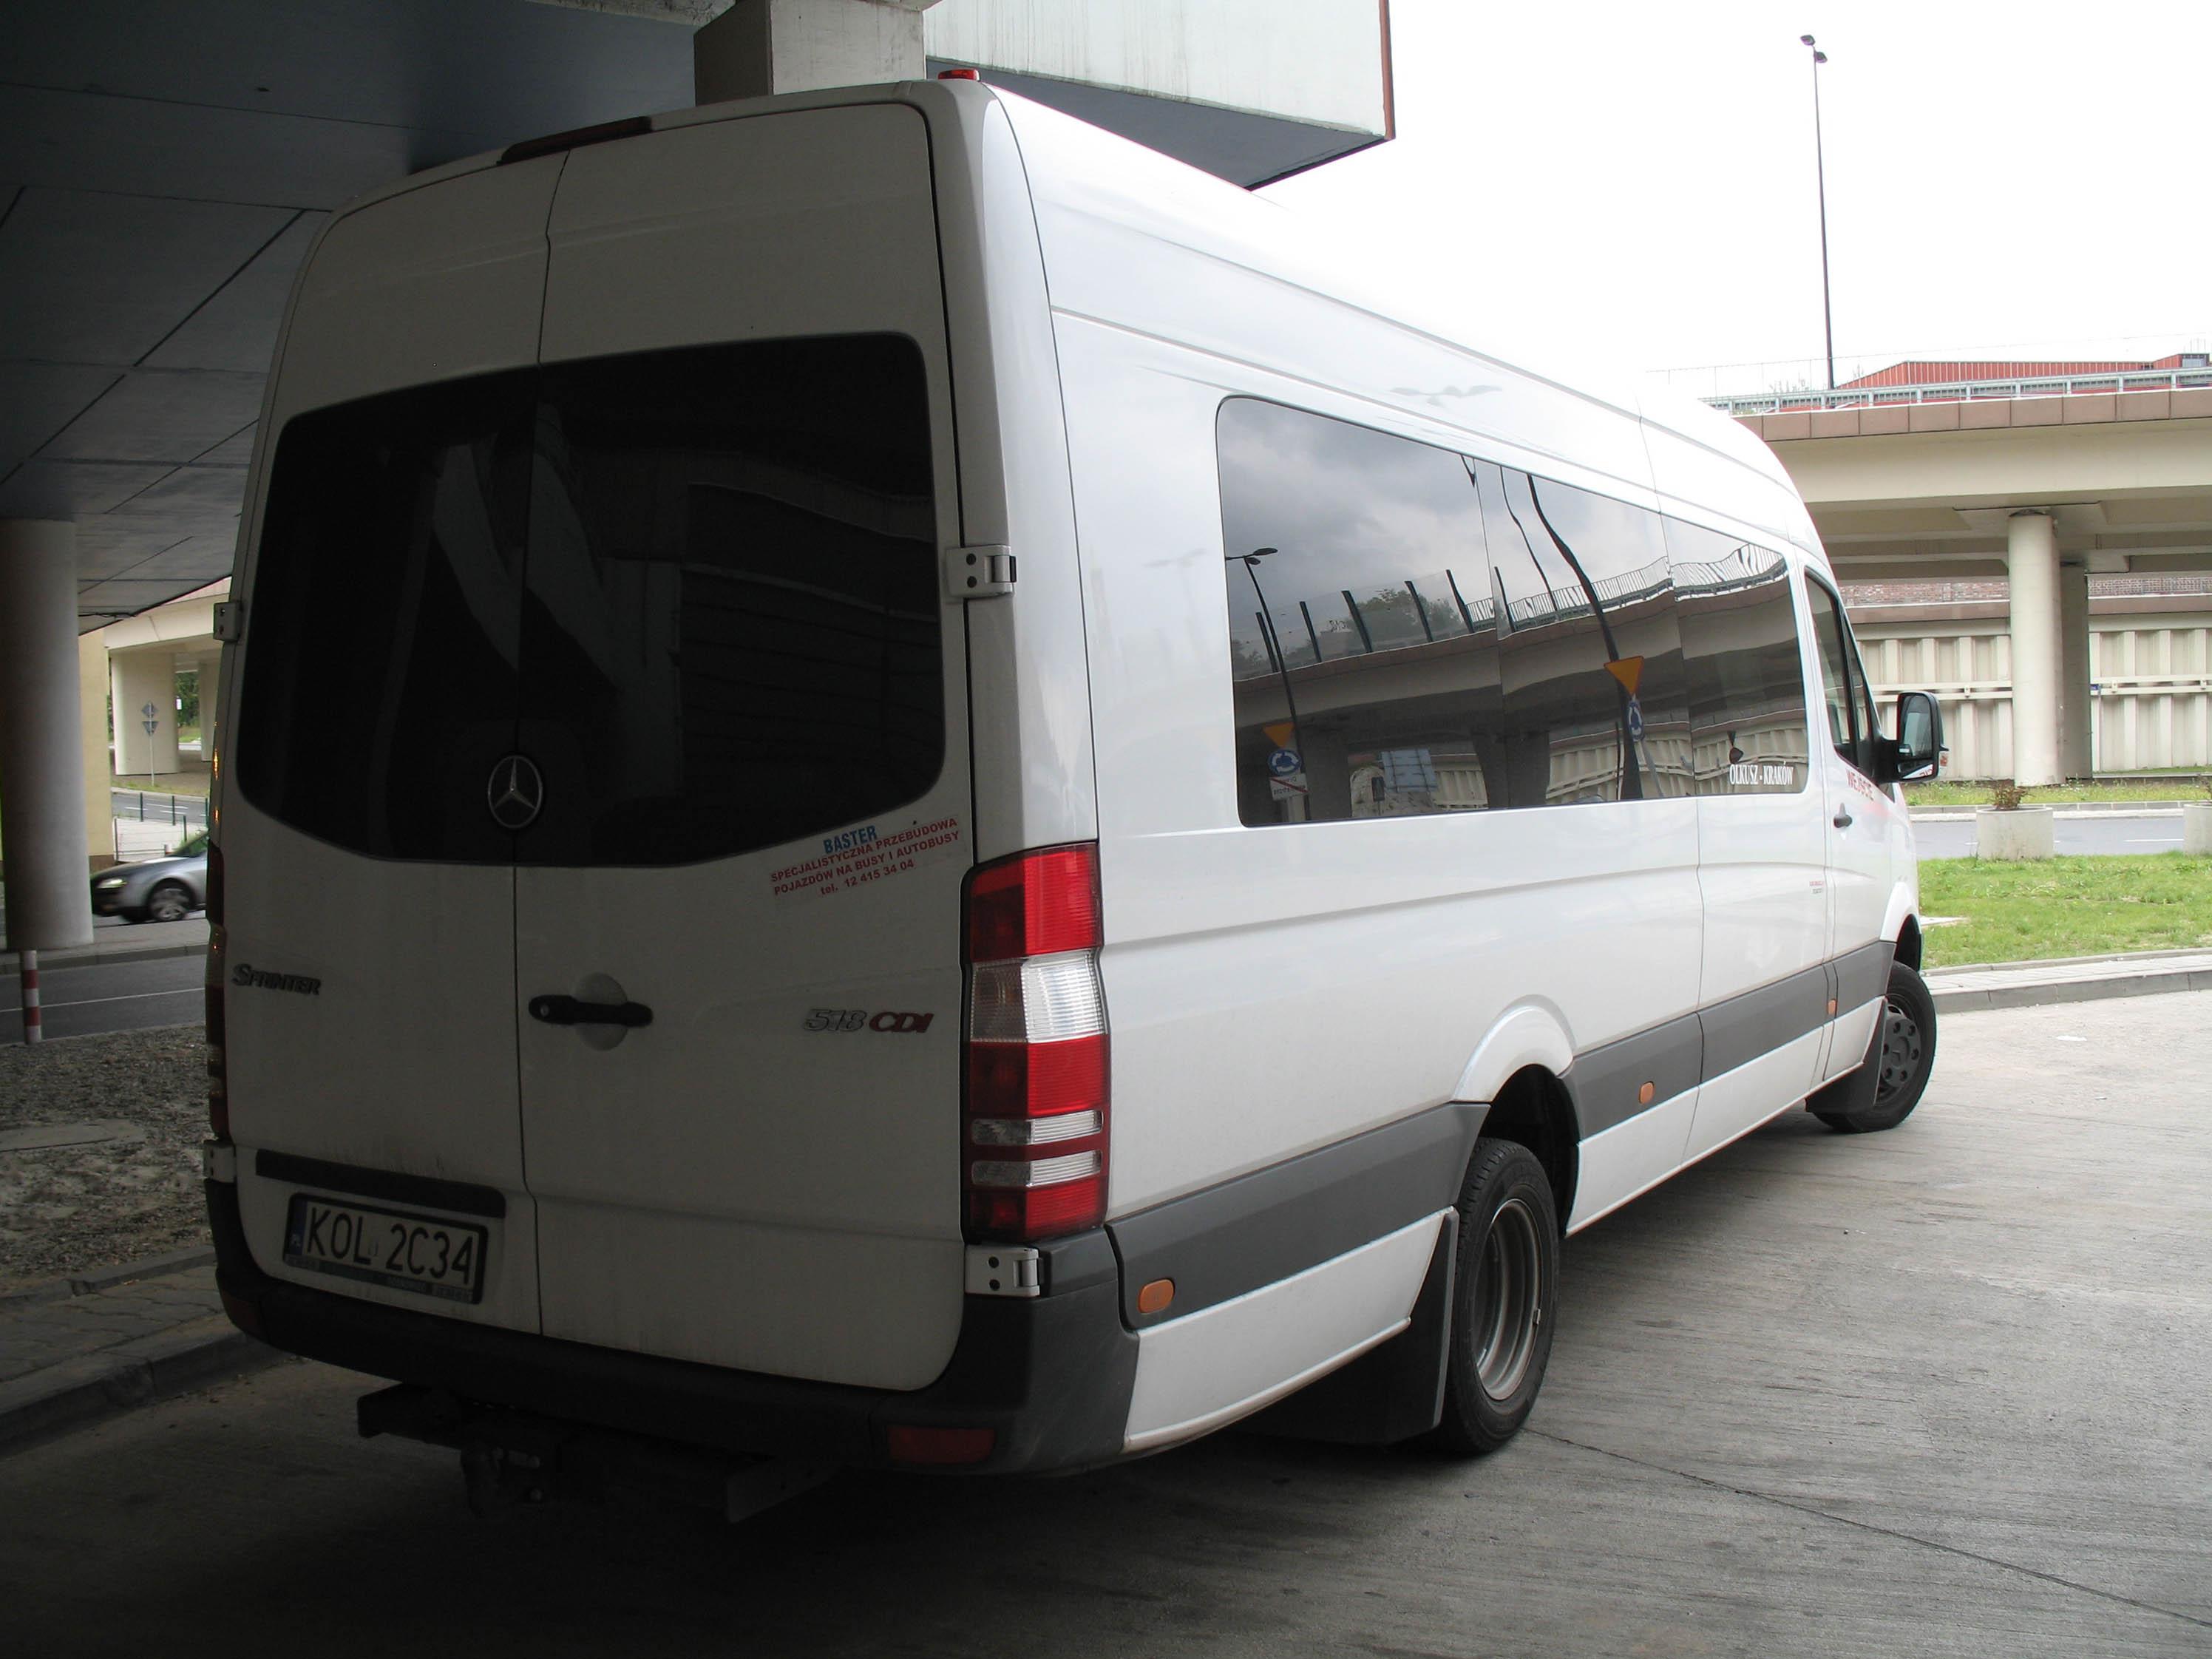 mercedes sprinter bus. Black Bedroom Furniture Sets. Home Design Ideas